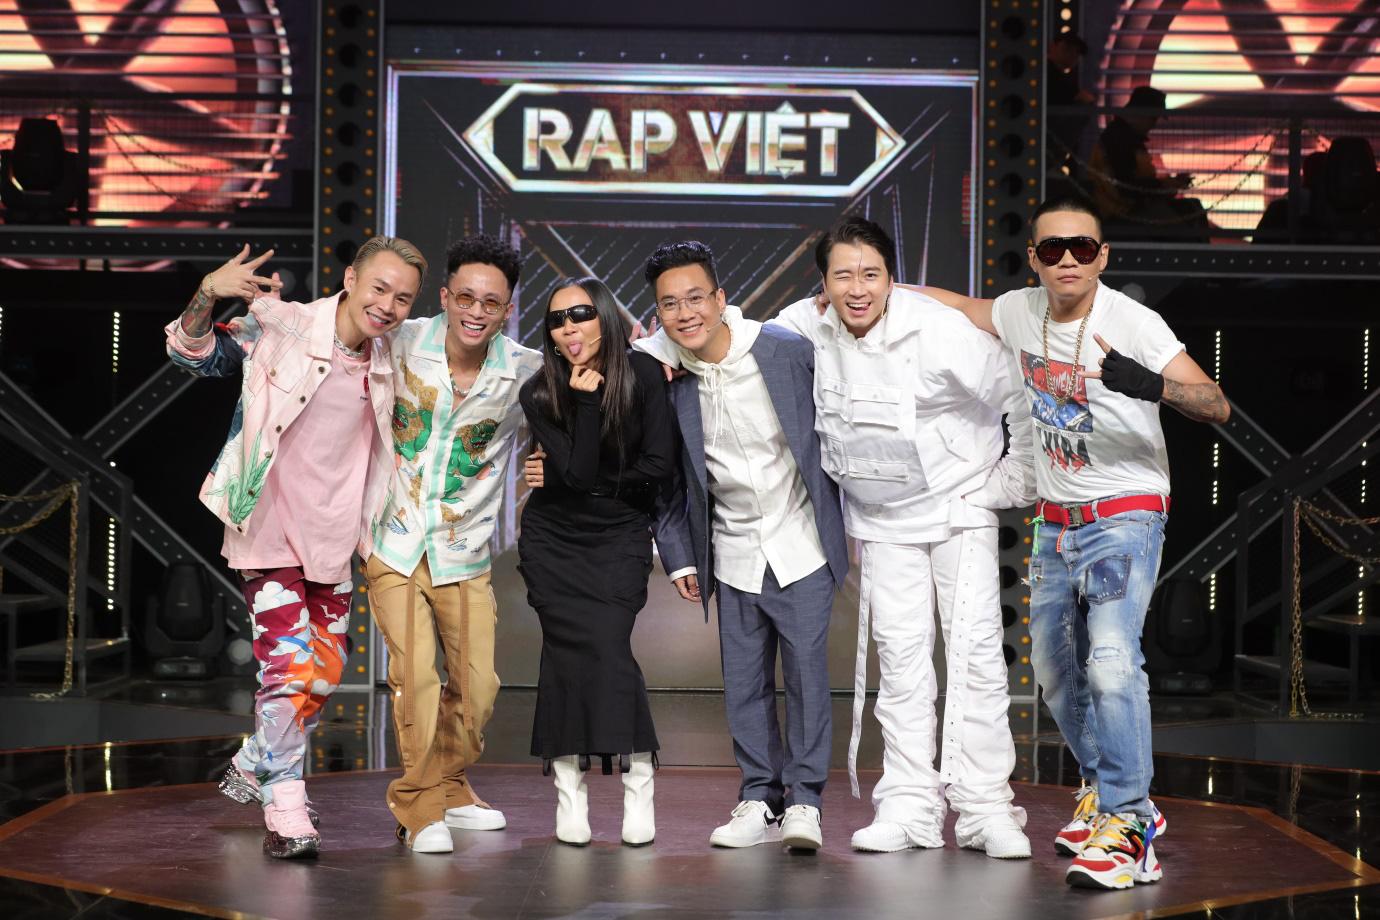 Cùng Rap Việt đánh chiếm top 1 trending YouTube, SpaceSpeakers tiếp tục củng cố vị thế - Ảnh 1.